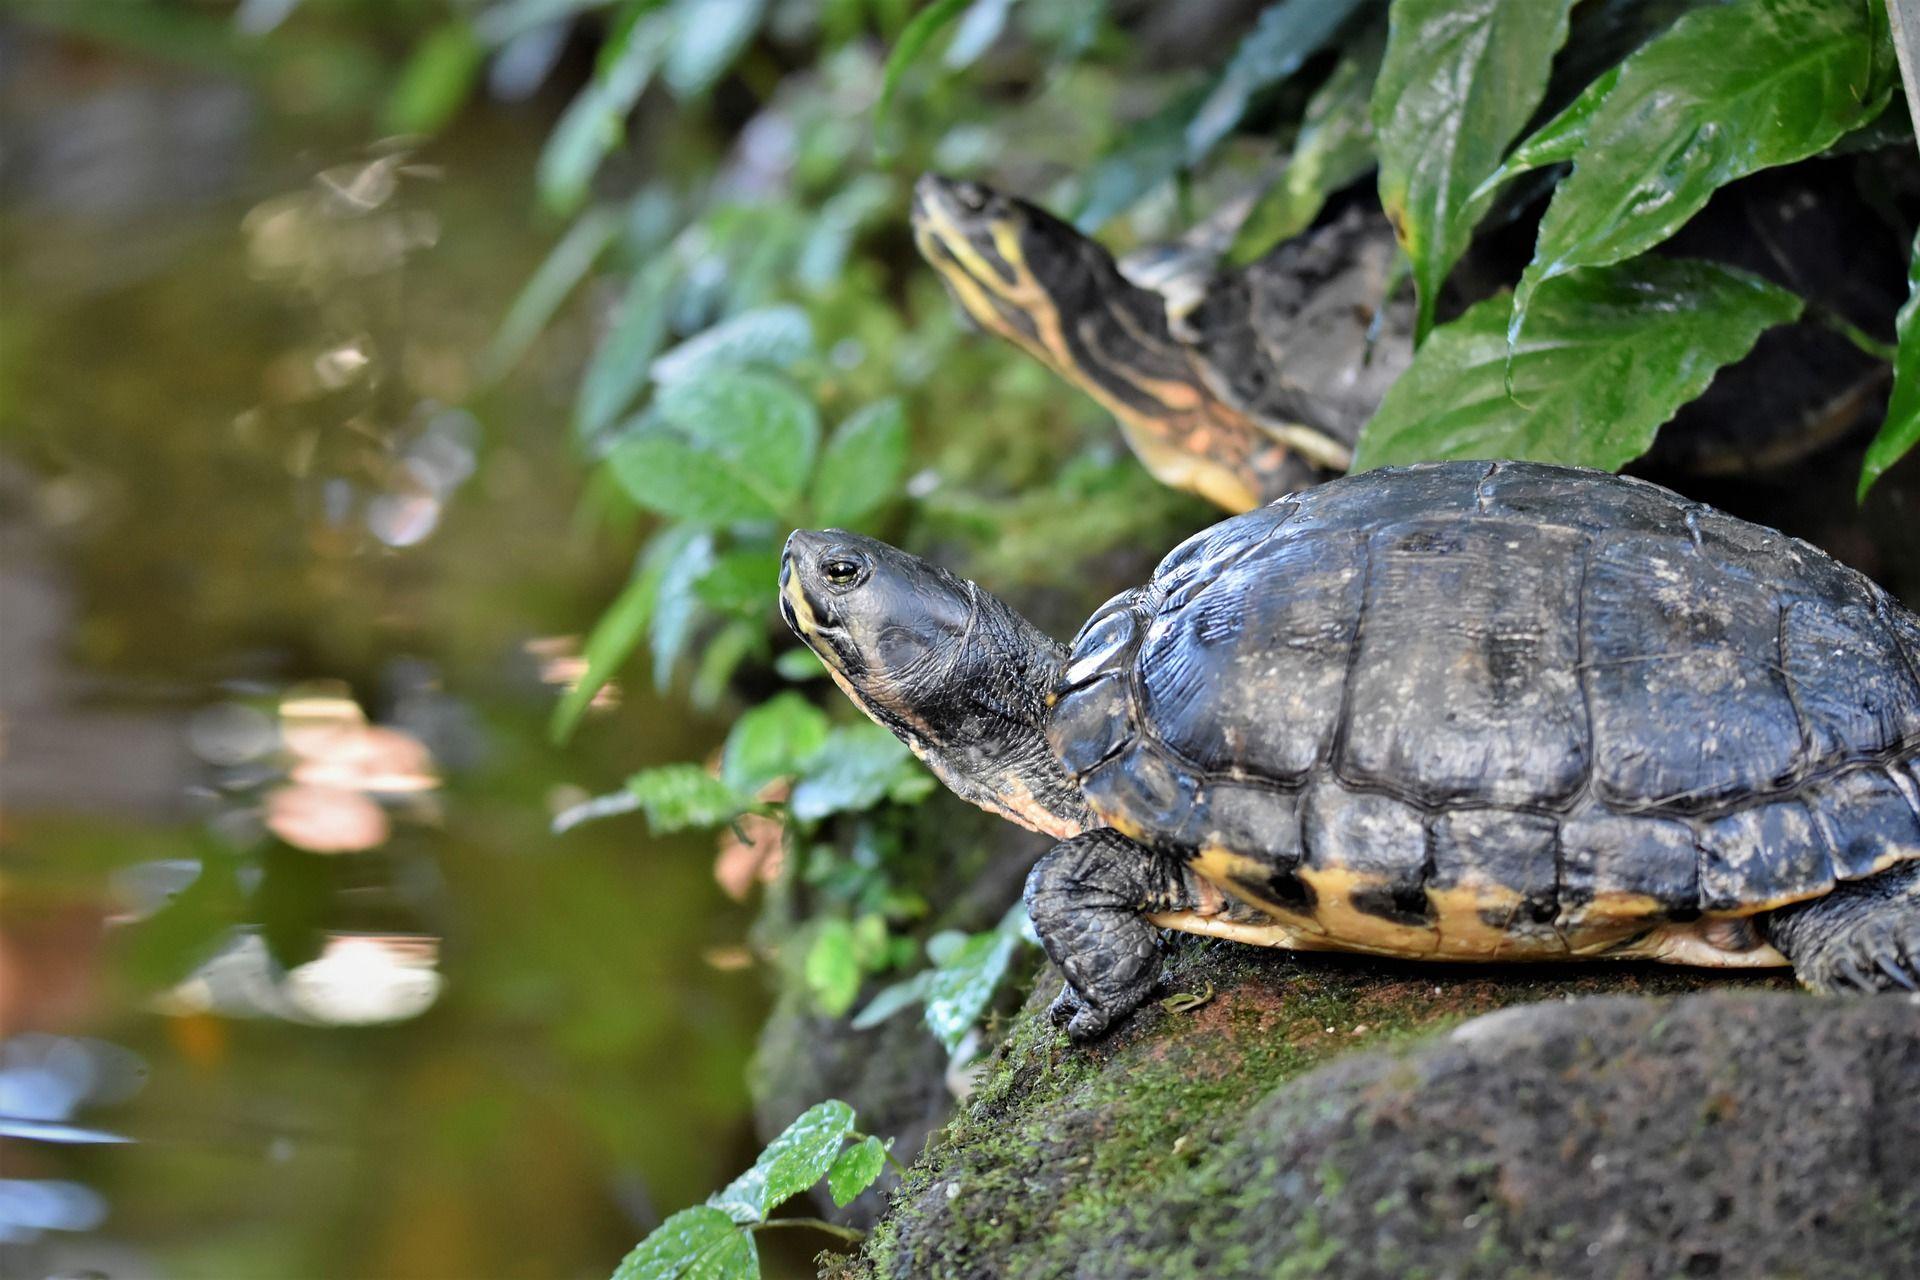 Скачать онлайн бесплатно фото большой красивой черепахи